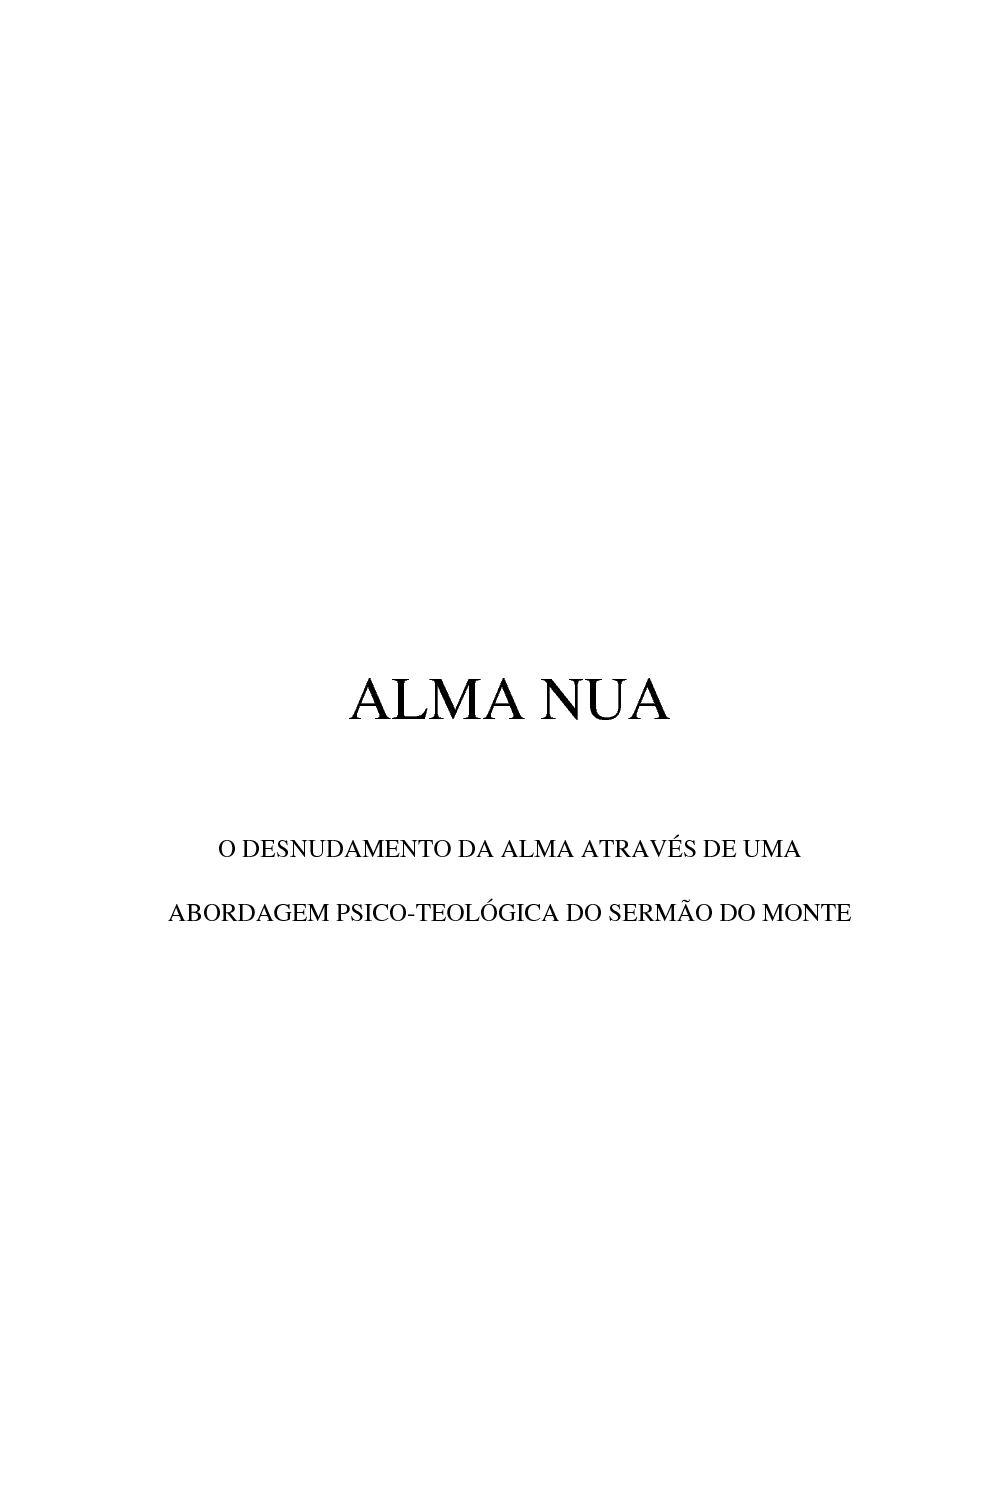 Alma Nua calaméo - ivênio dos santos - alma nua